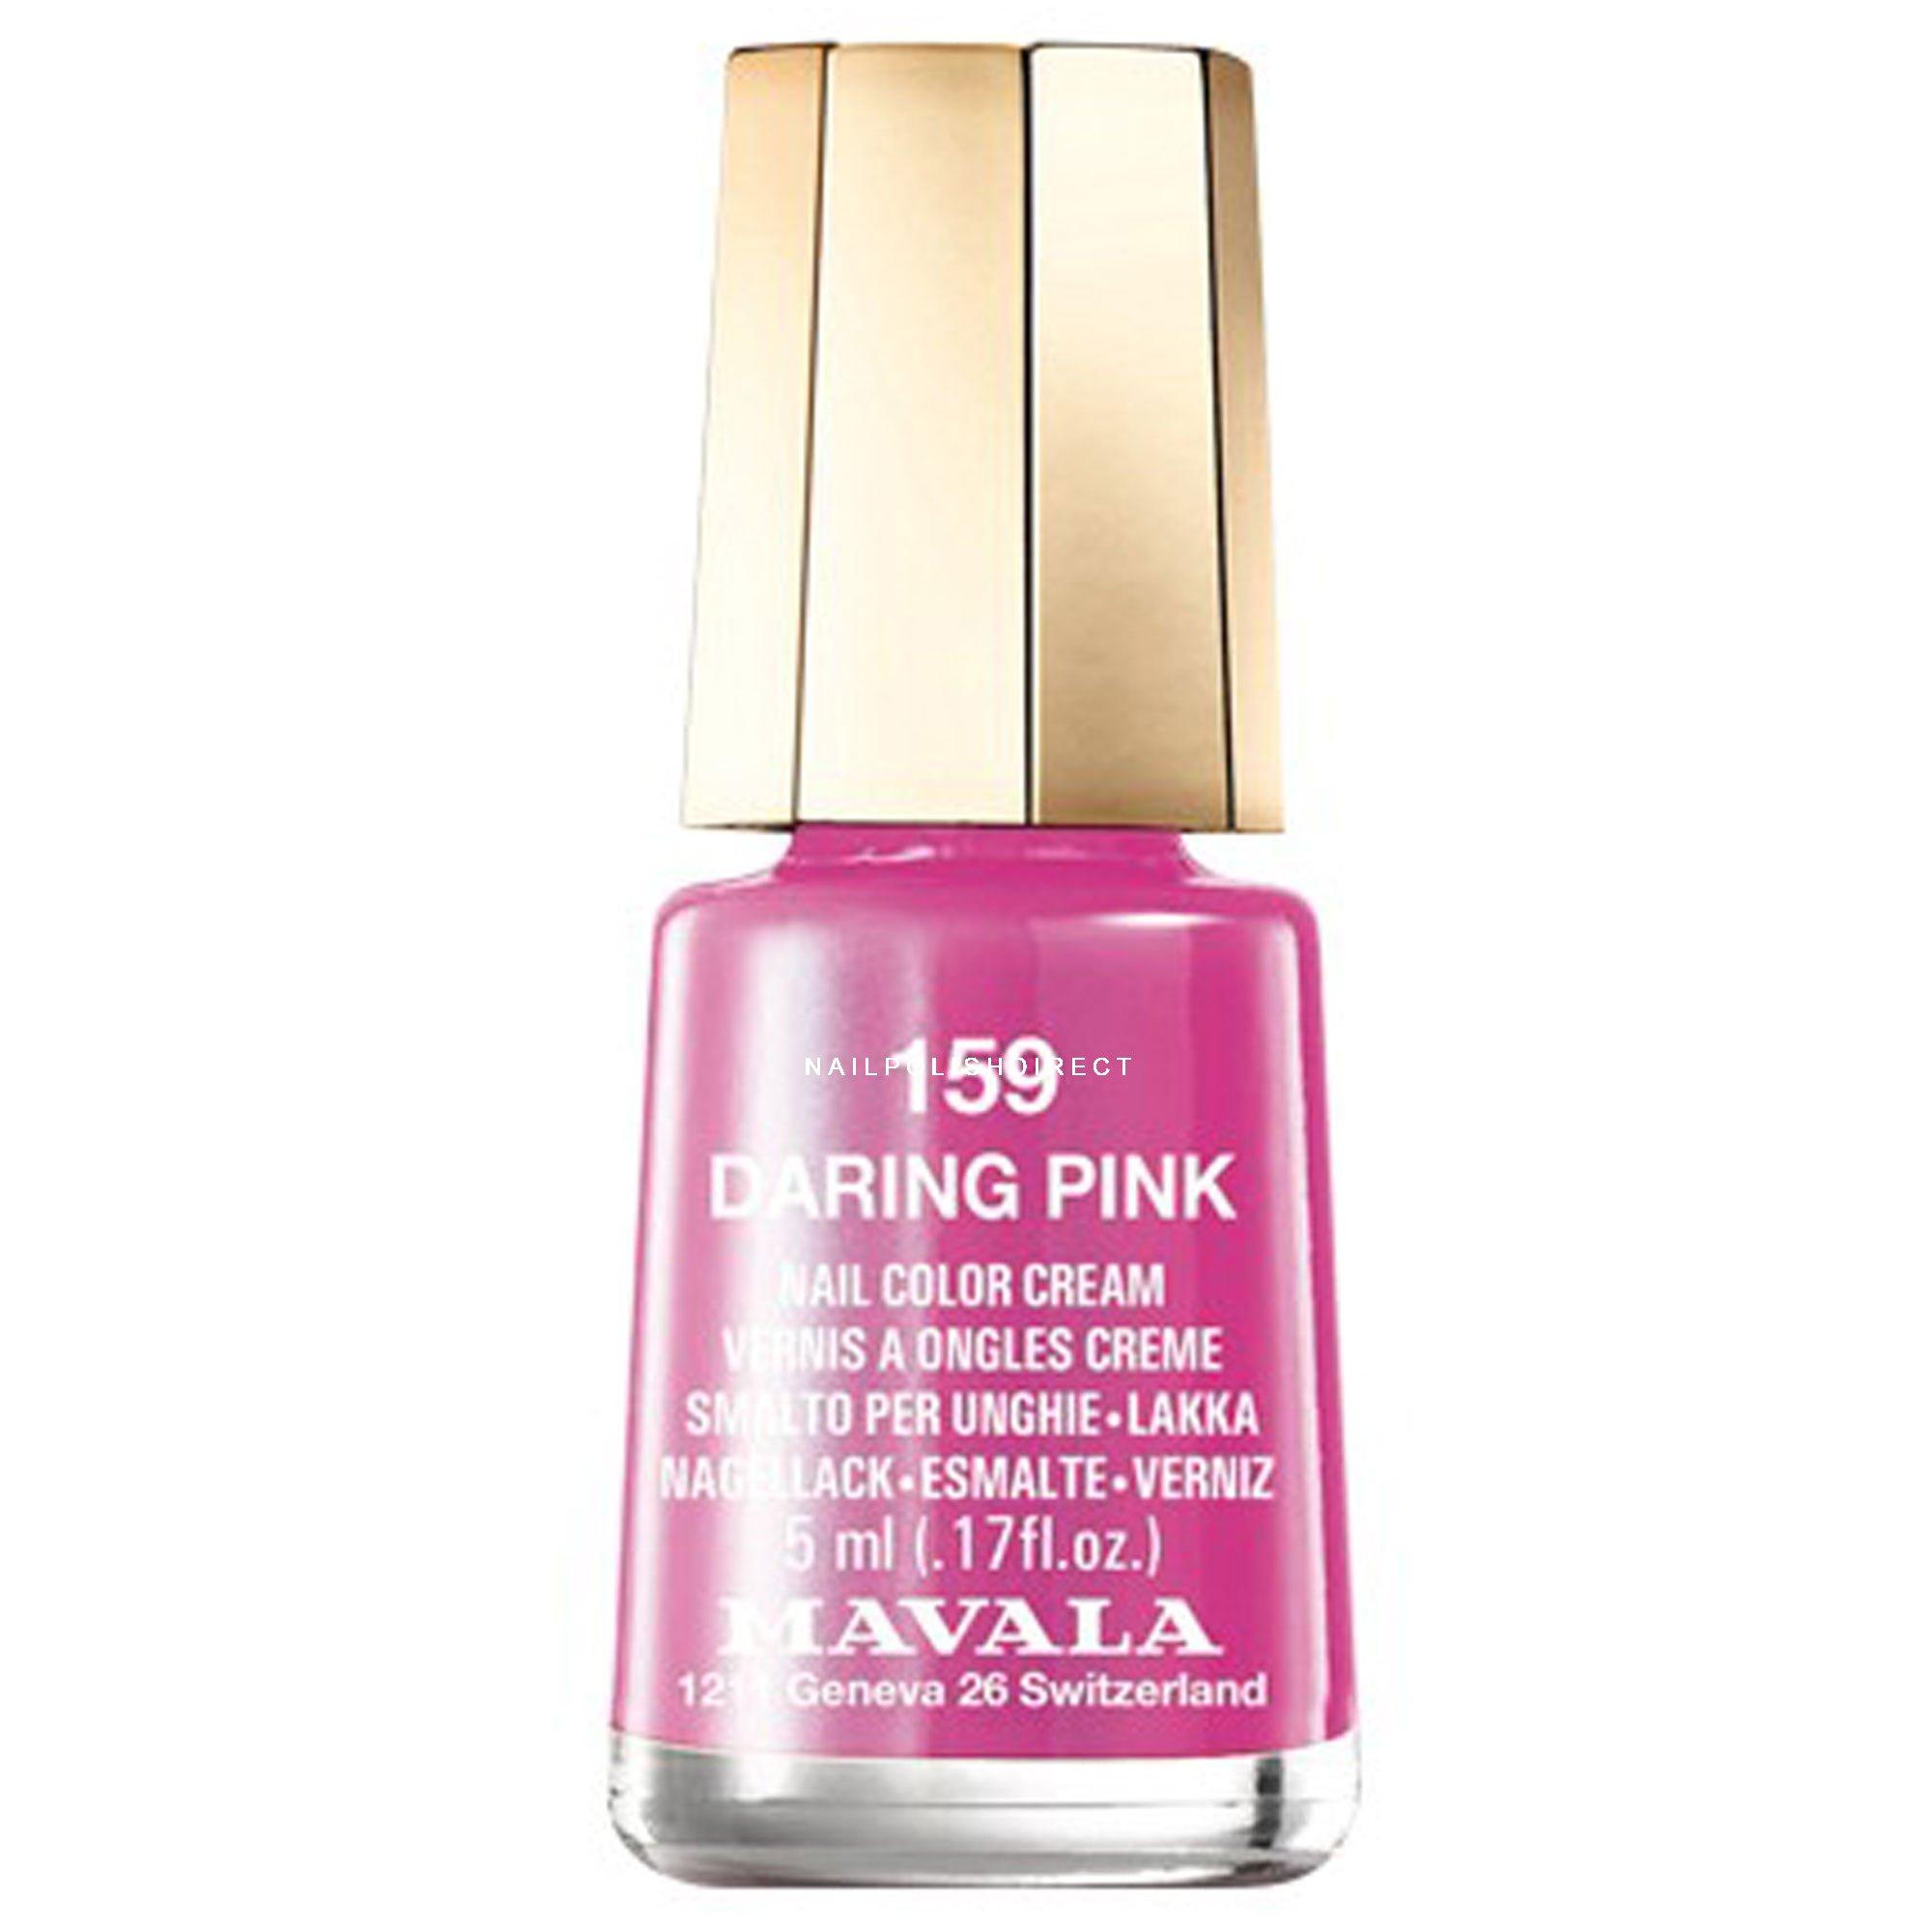 Mavala Mini Nail Color Creme Nail Polish - Daring Pink (159) 5ml